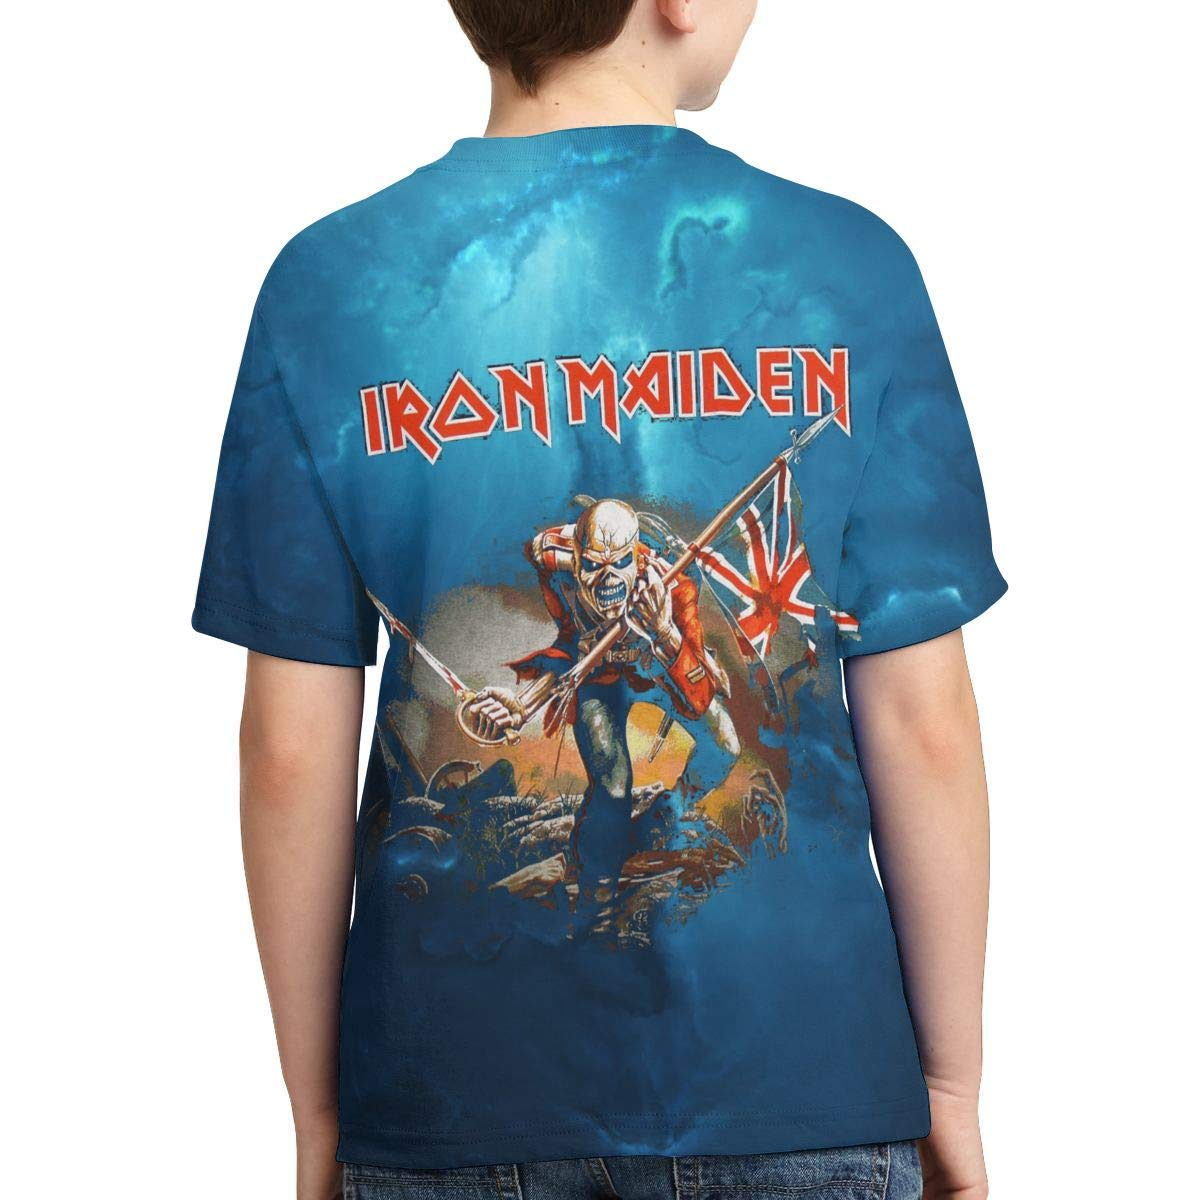 Caiyuzhuanmai Boys,Girls,Youth Iron Maiden T-Shirt